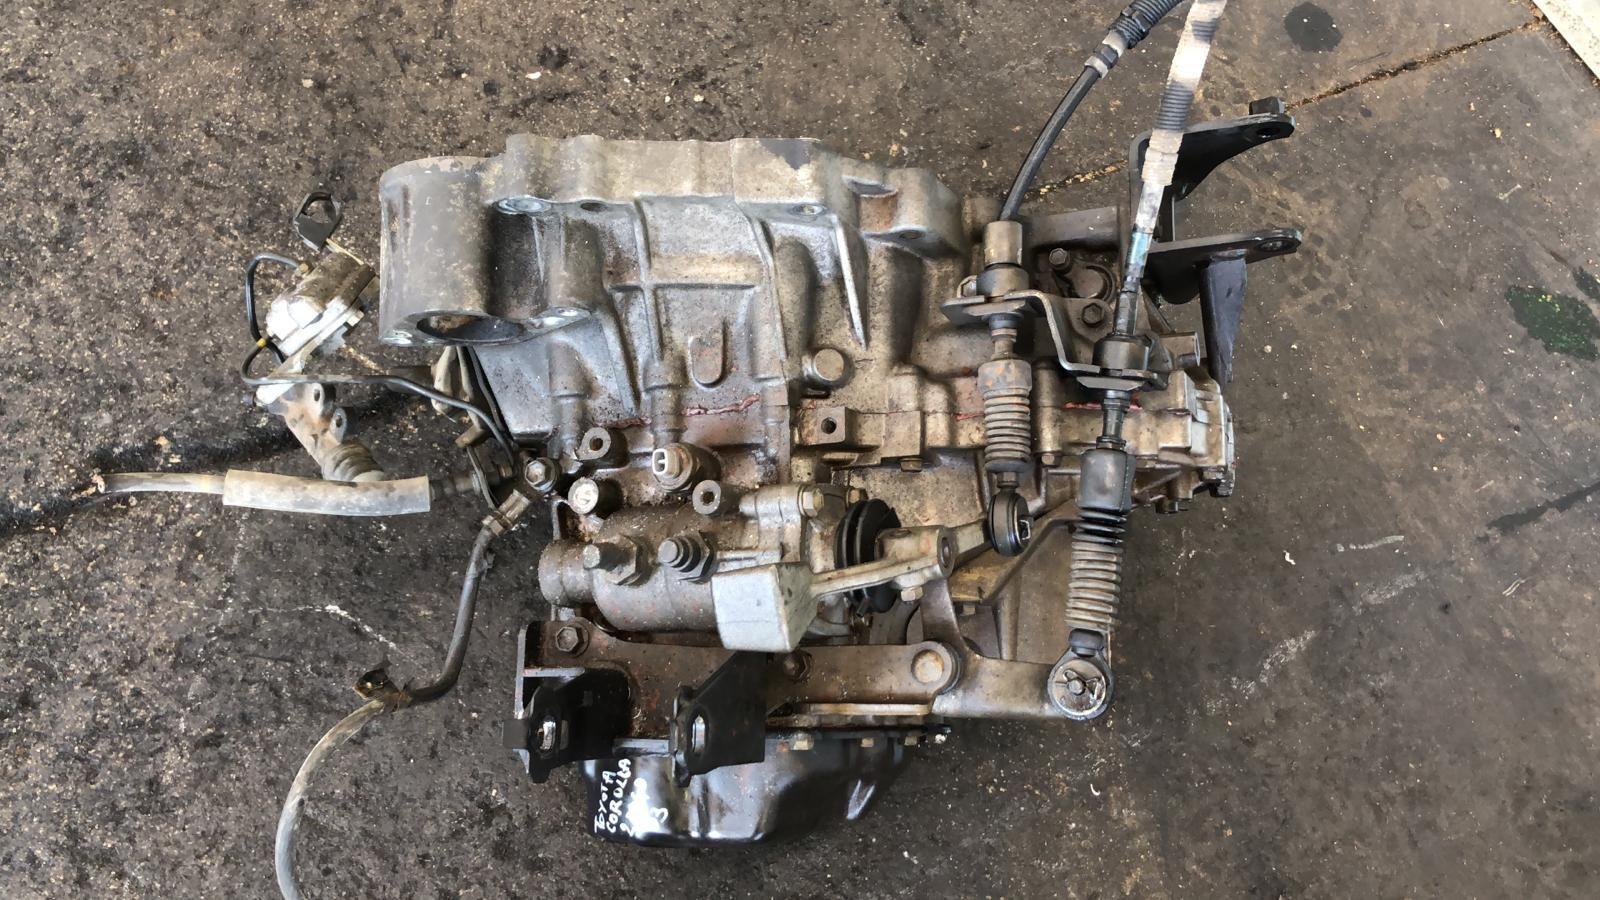 CAMBIO MANUALE COMPLETO TOYOTA Corolla Berlina 3° Serie 3-5P 2000 Diesel 1cdftv 107000 Km 85 Kw (2003) RICAMBI USATI